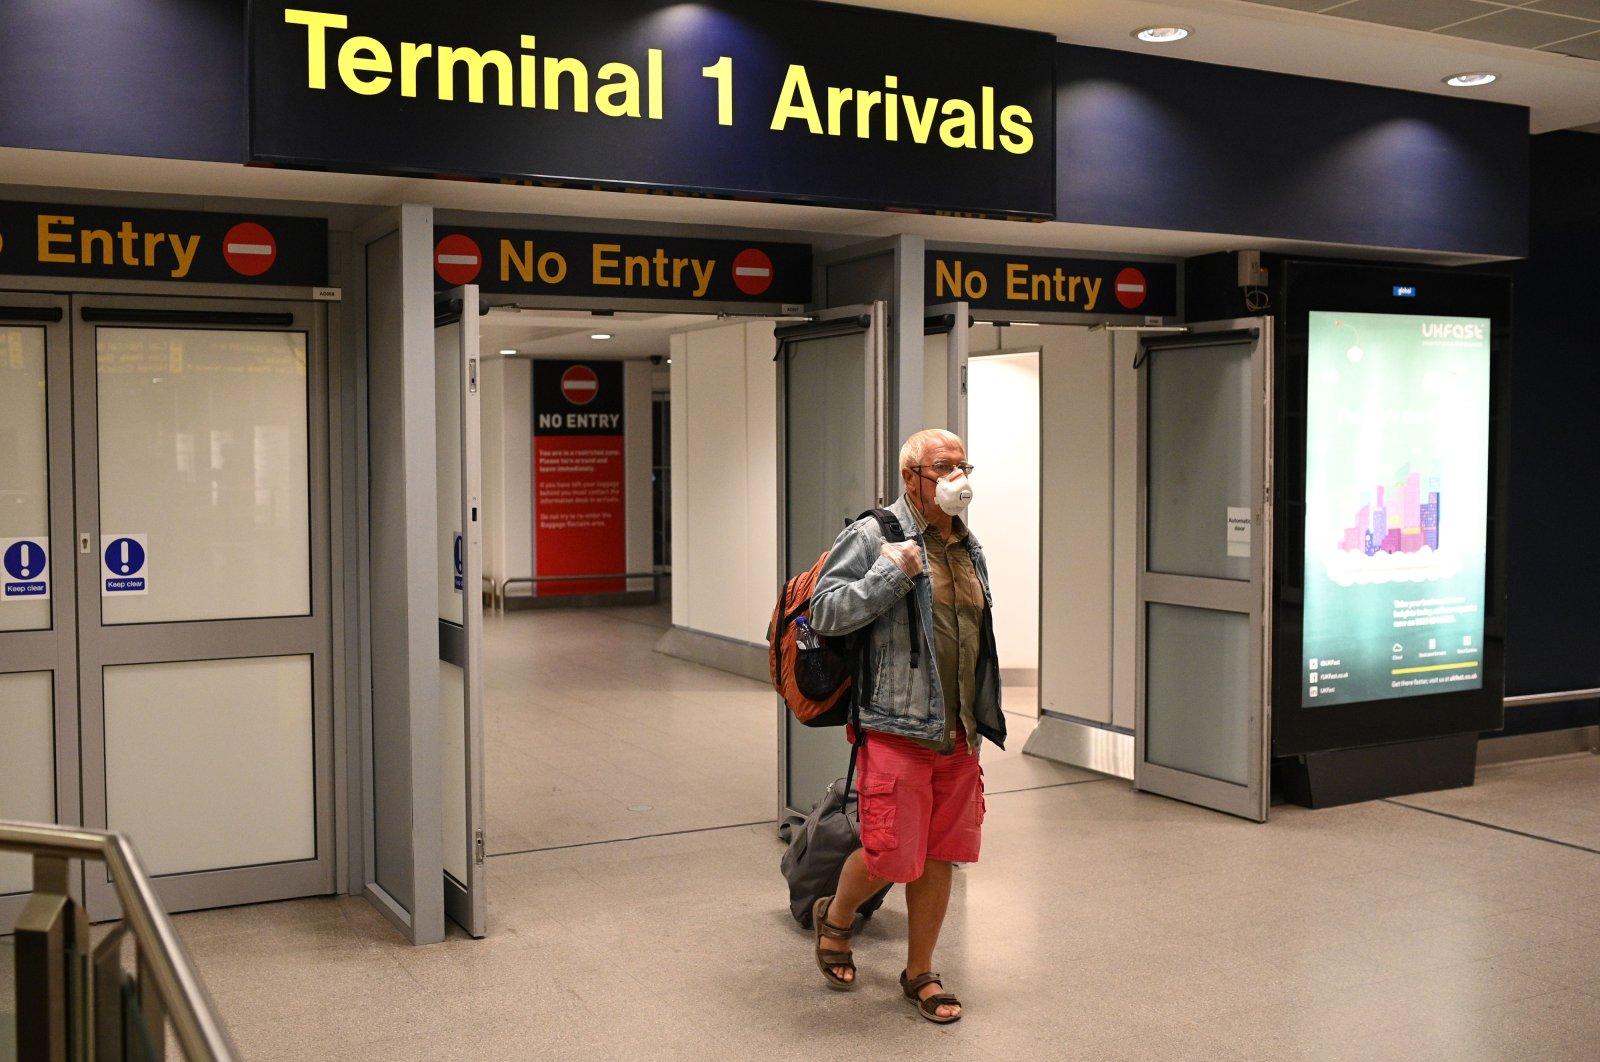 انگلیس اظهار داشت که توریست های ترکیه از قرنطینه سفر کووید-۱۹ معاف خواهند شد